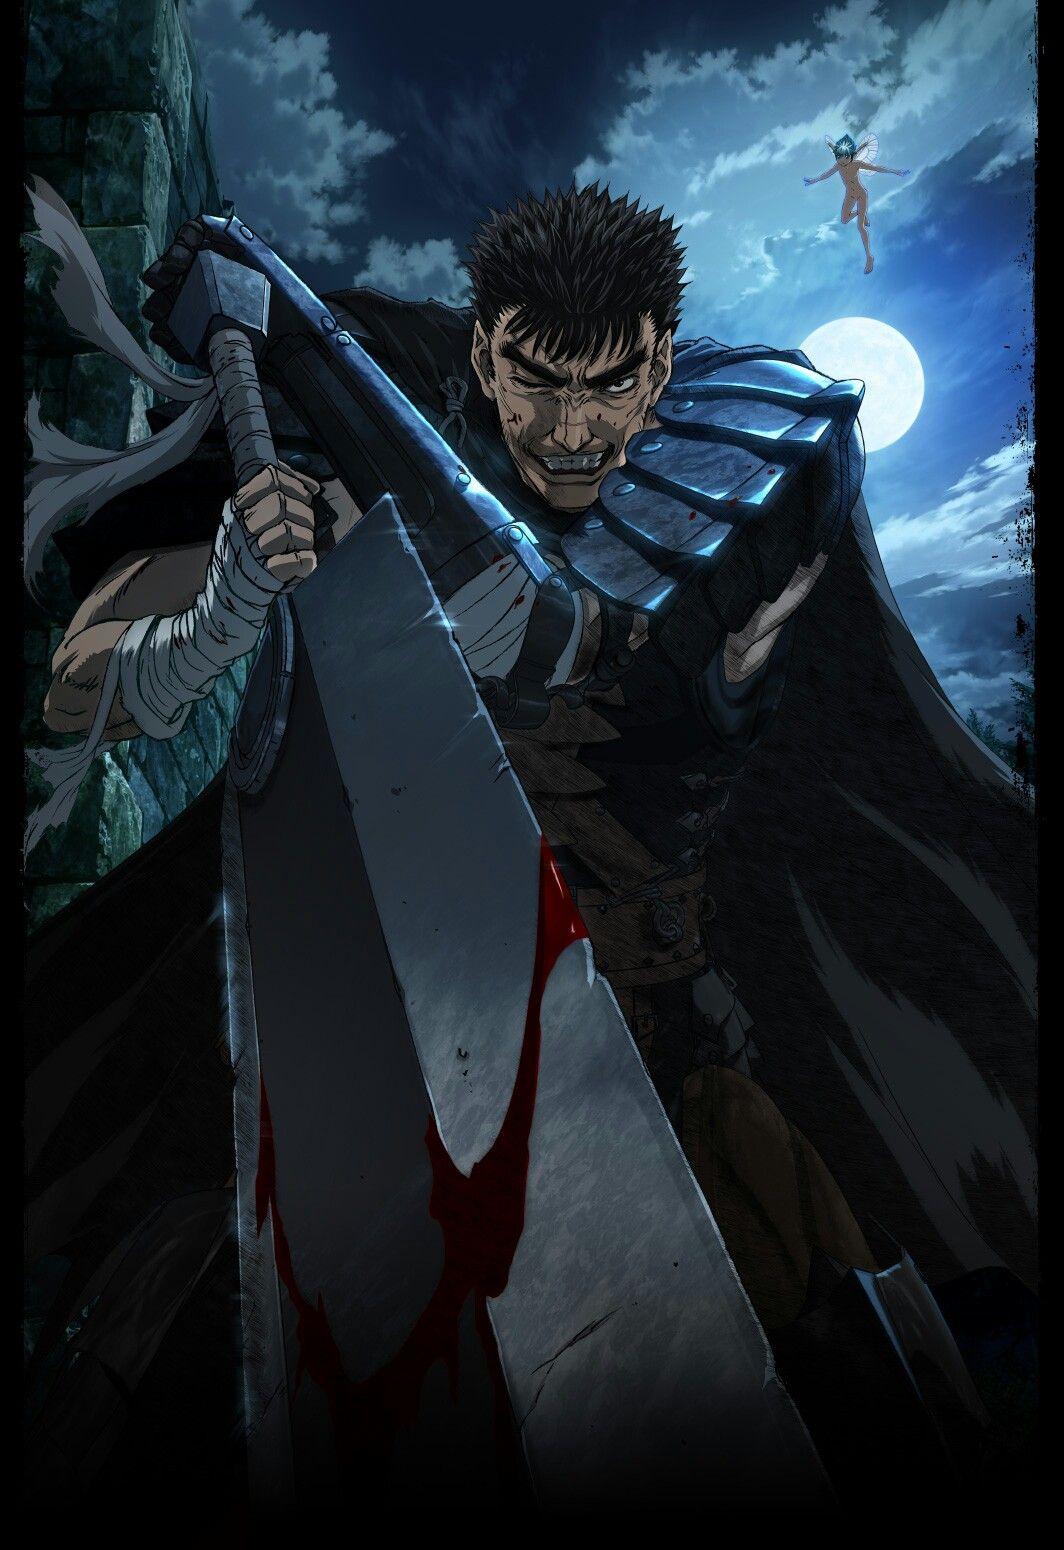 Berserk Guts blackswordsman Berserk, 2016 anime